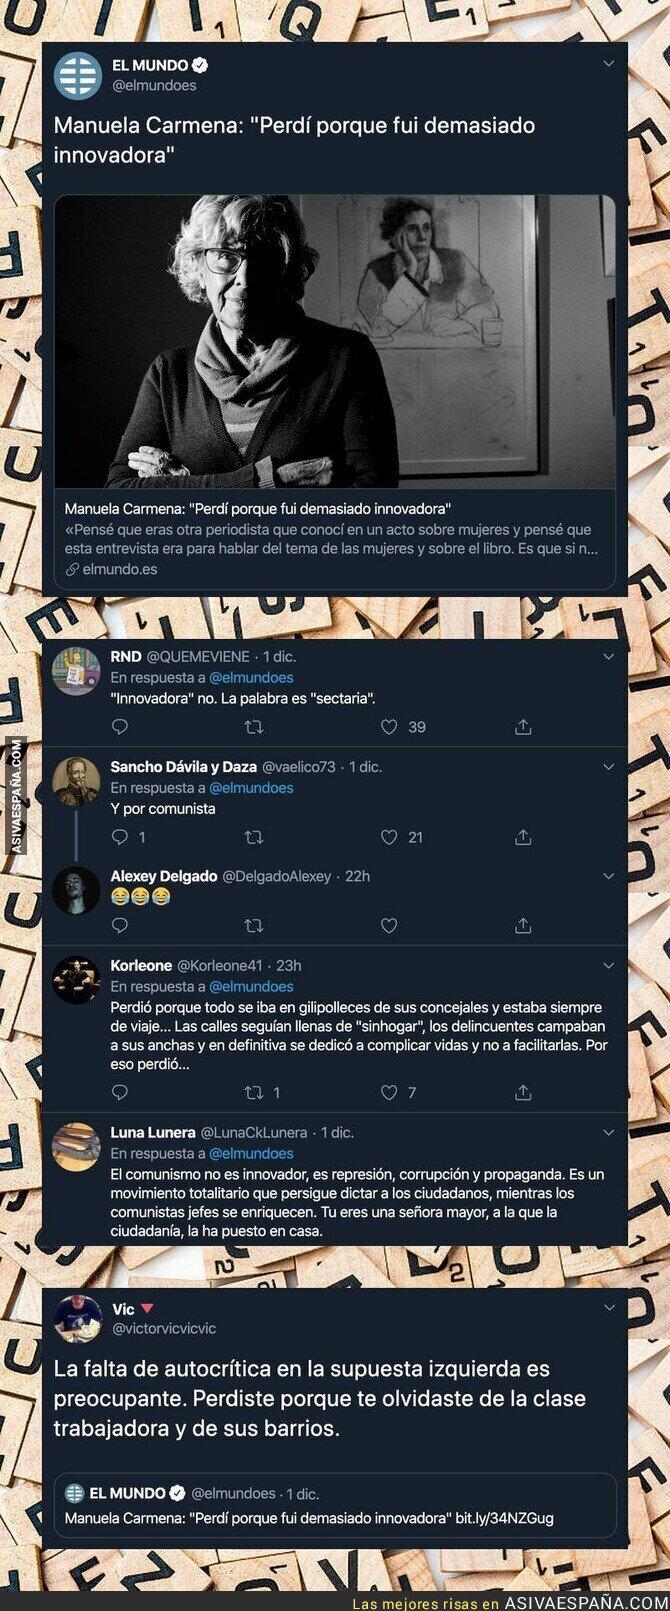 128735 - Lo que se olvidó Manuela Carmena durante la carrera electoral para perder en las urnas